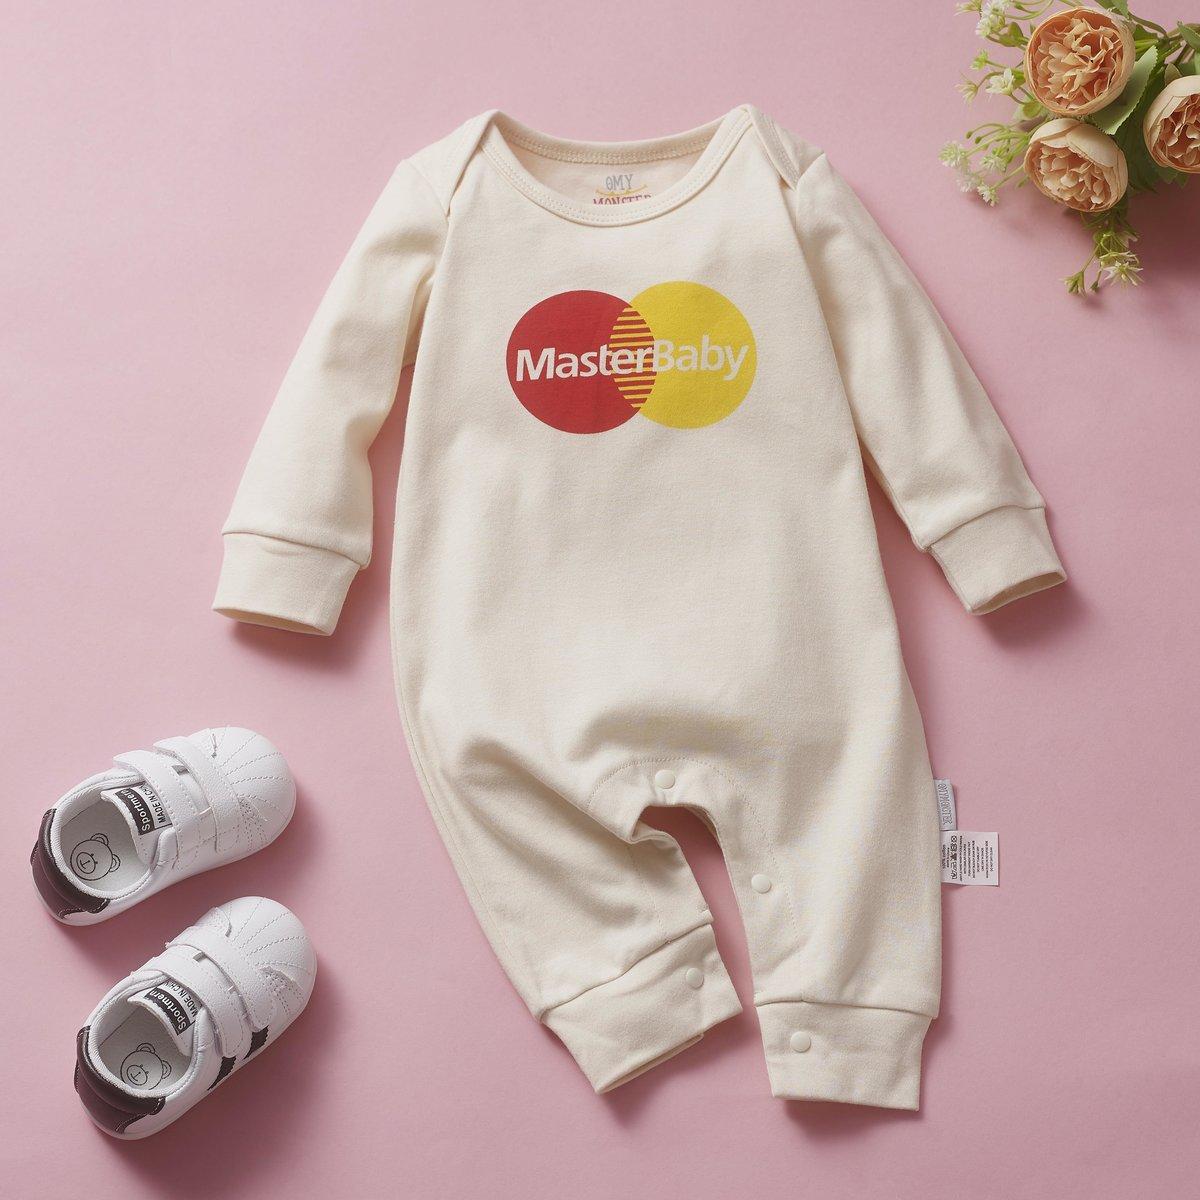 OMYMONSTER - Master Baby Long Sleeve Bodysuit 3-6 month